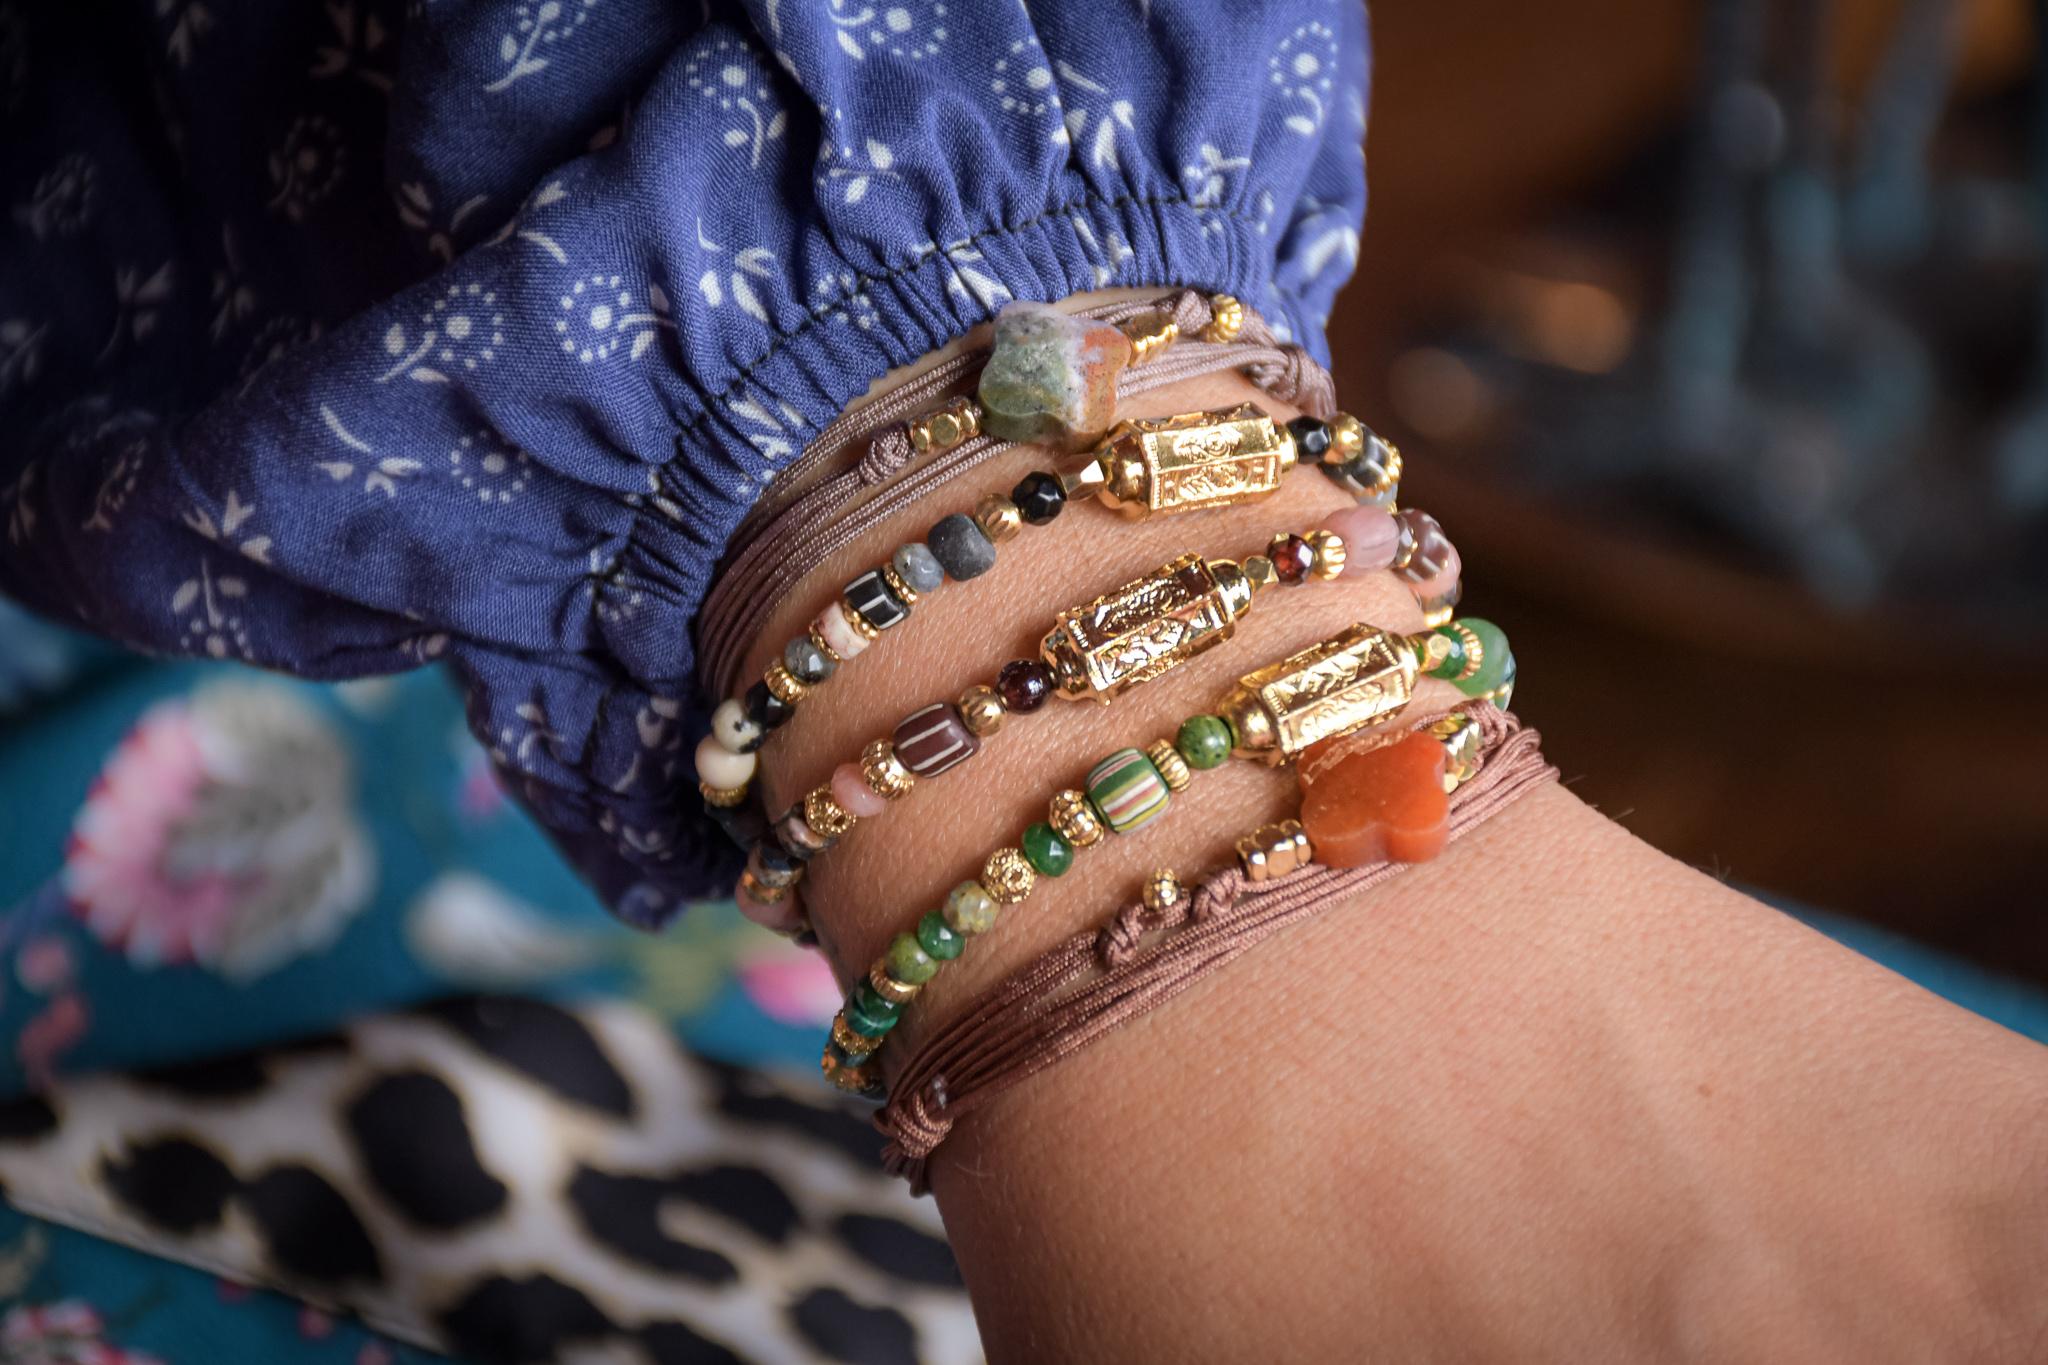 Marie K Bracelets By Garance